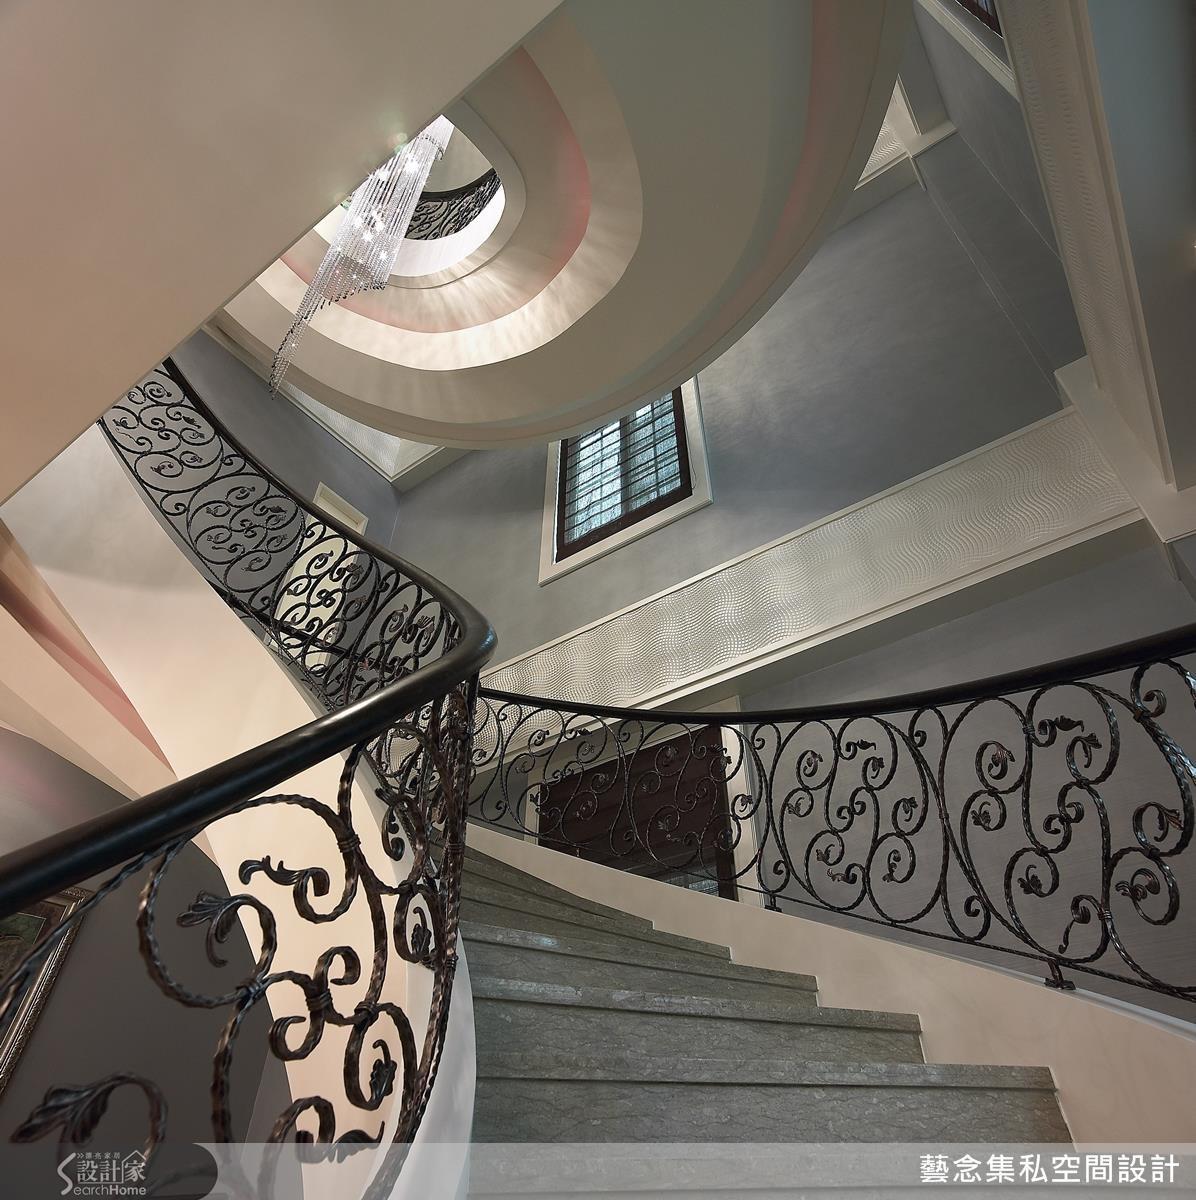 在樓梯結合 LED 燈的設計,點綴一些紅色光源在下方,在黑夜中達到引導的功能,將設計藏於細節中。